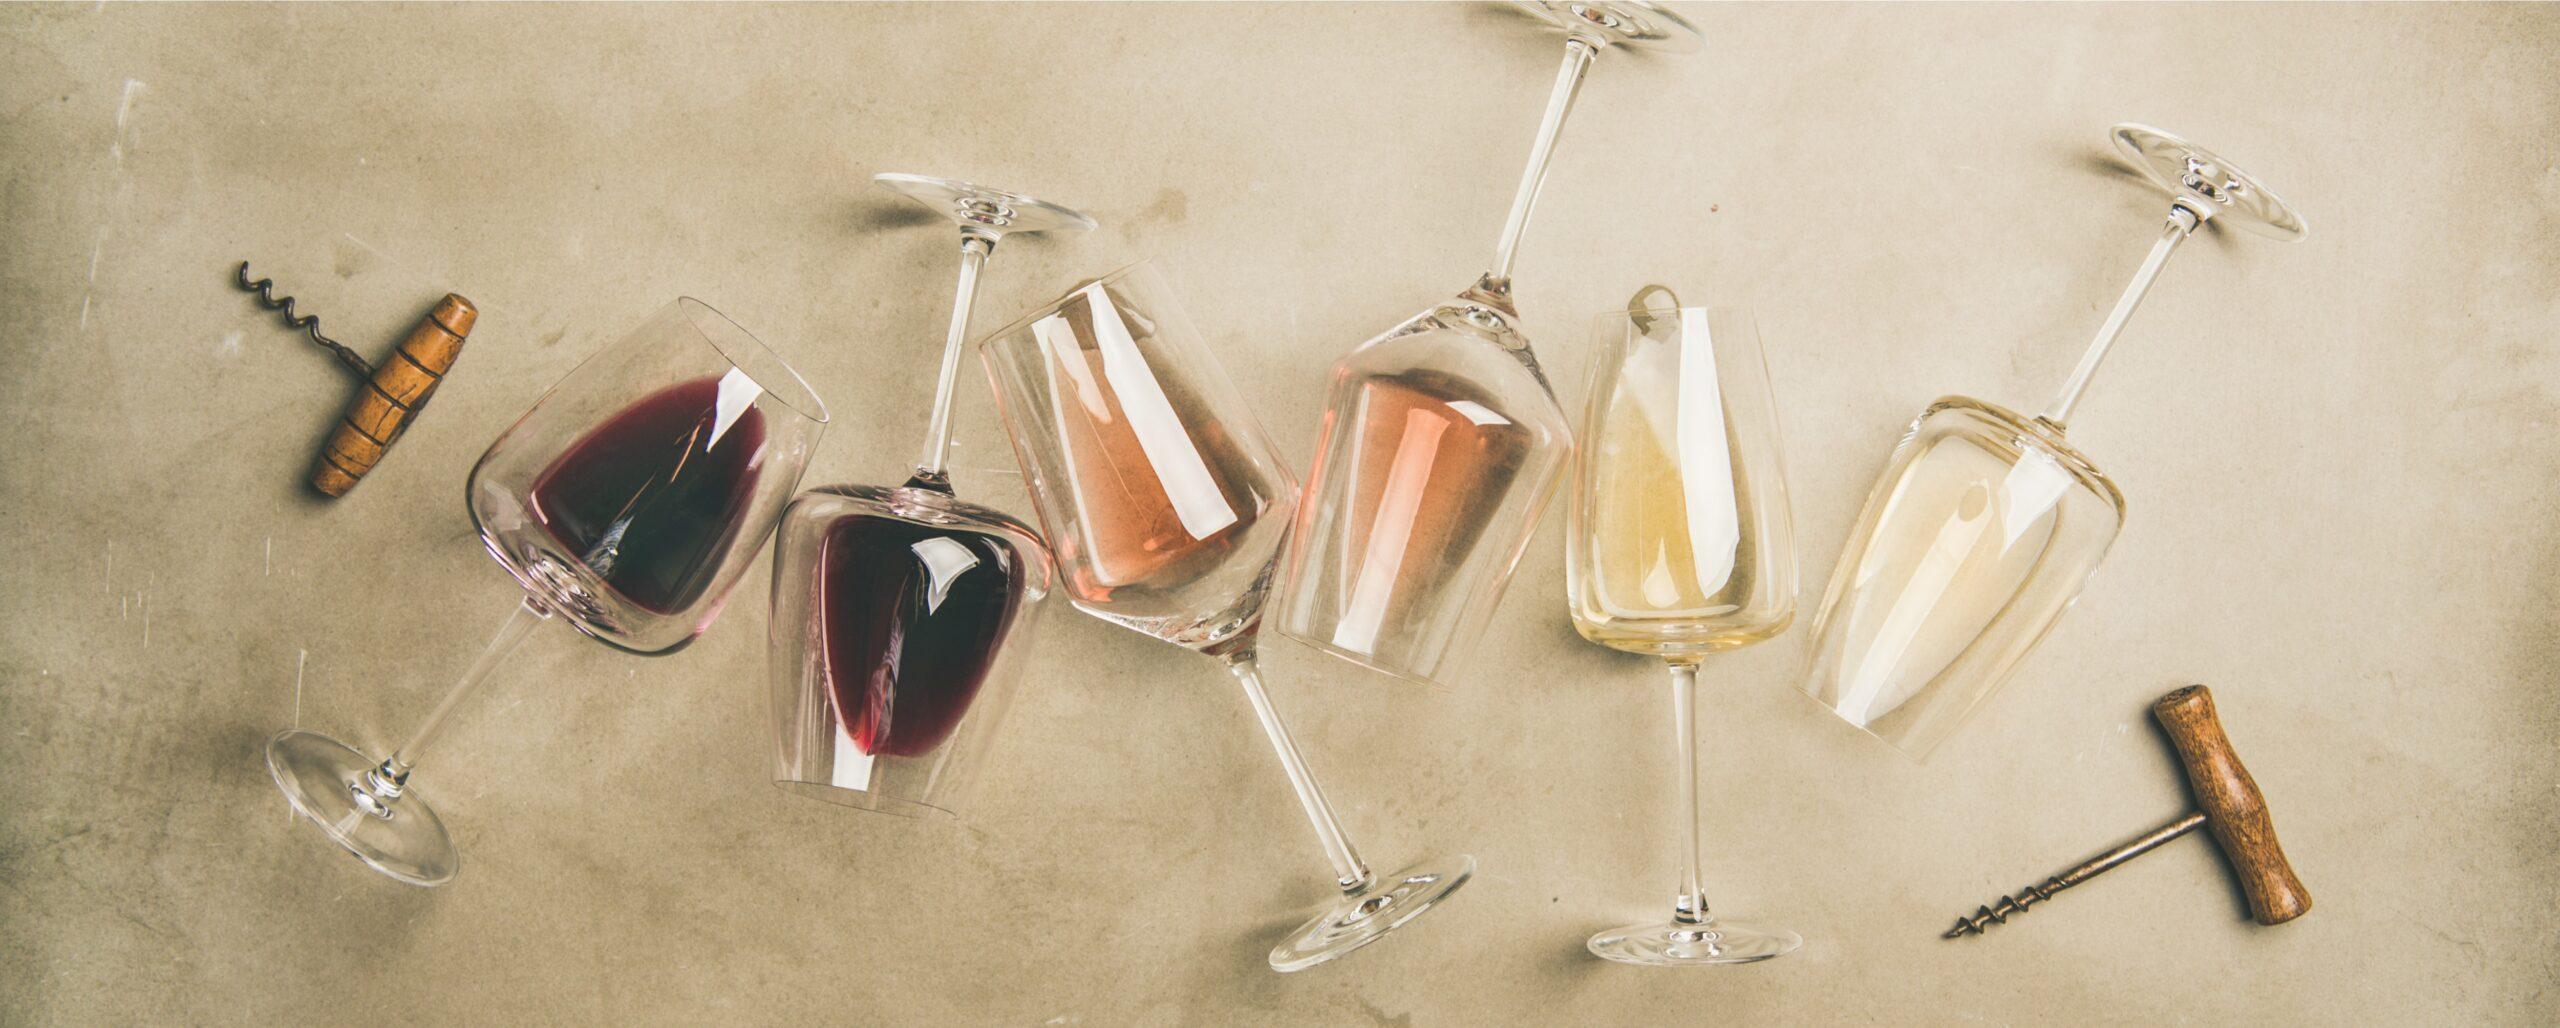 Spesialslipp – Greske og franske viner